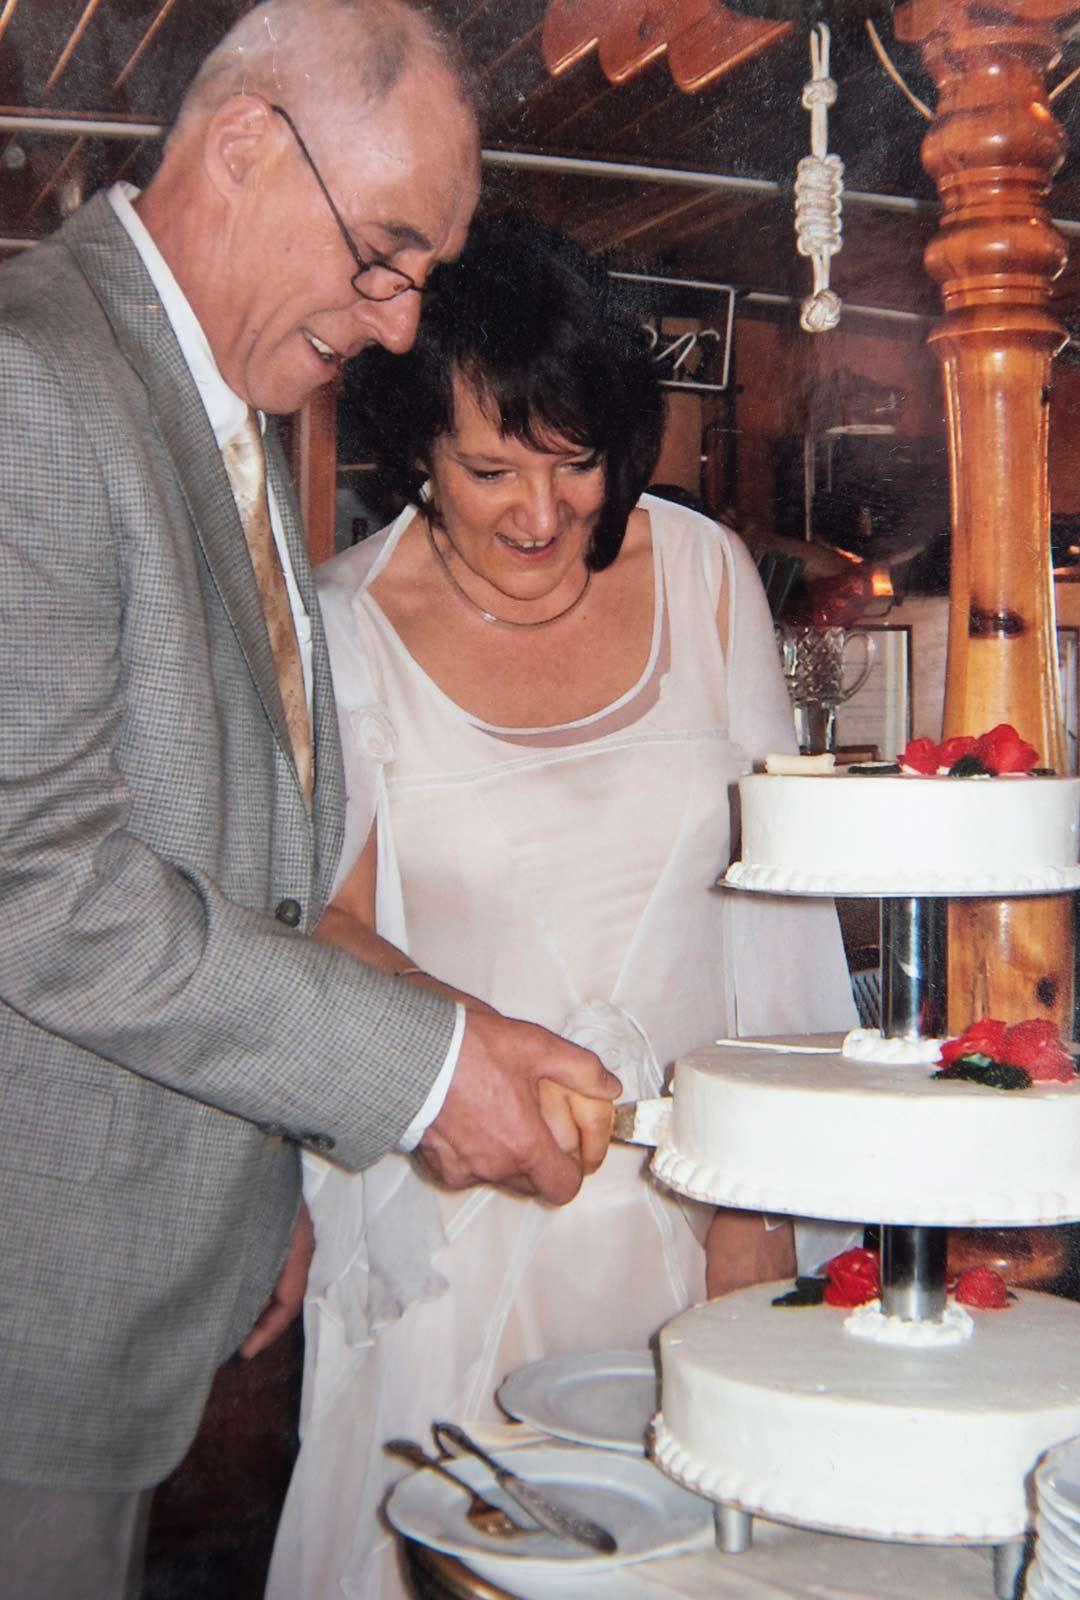 Monika ja Hilding menivät naimisiin 11. toukokuuta vuonna 2008 Tenholan kirkossa Tammisaaren lähellä.